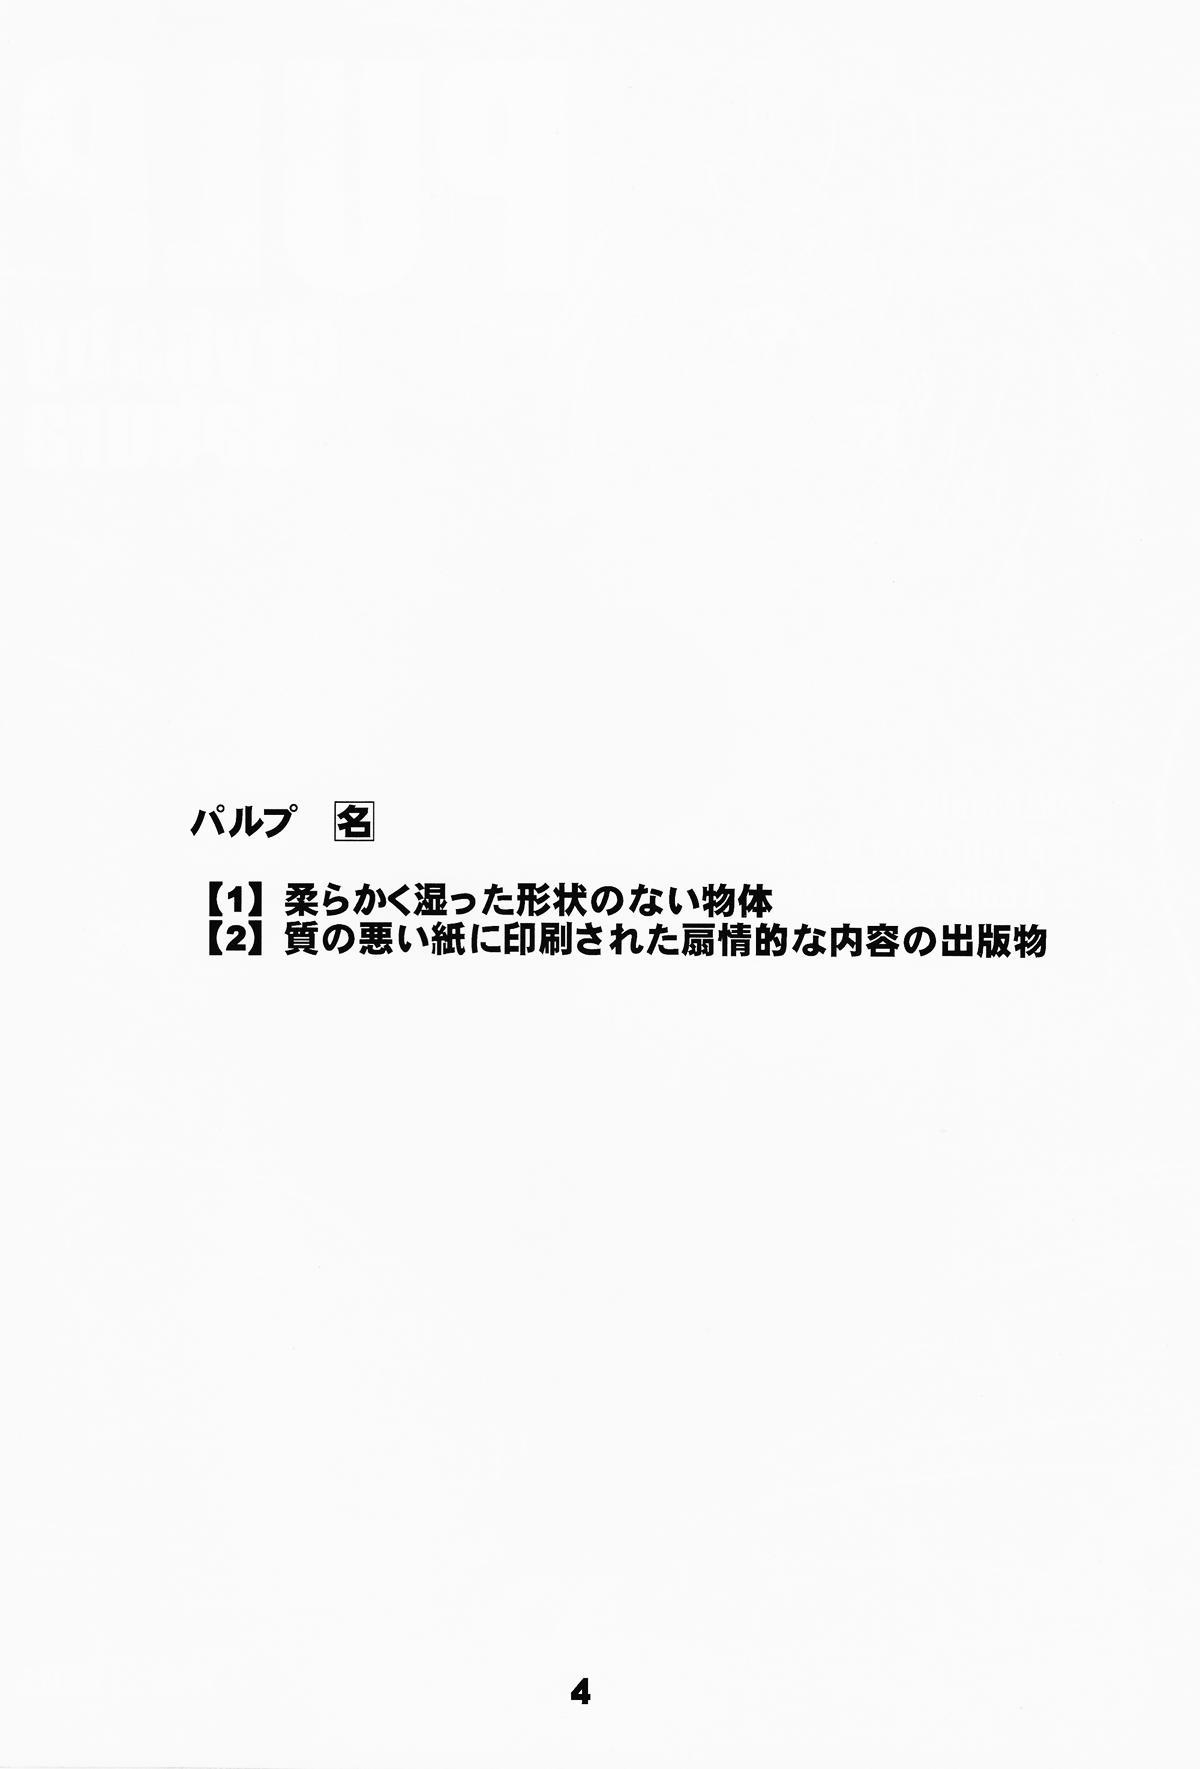 PULP crybaby Sakura 3